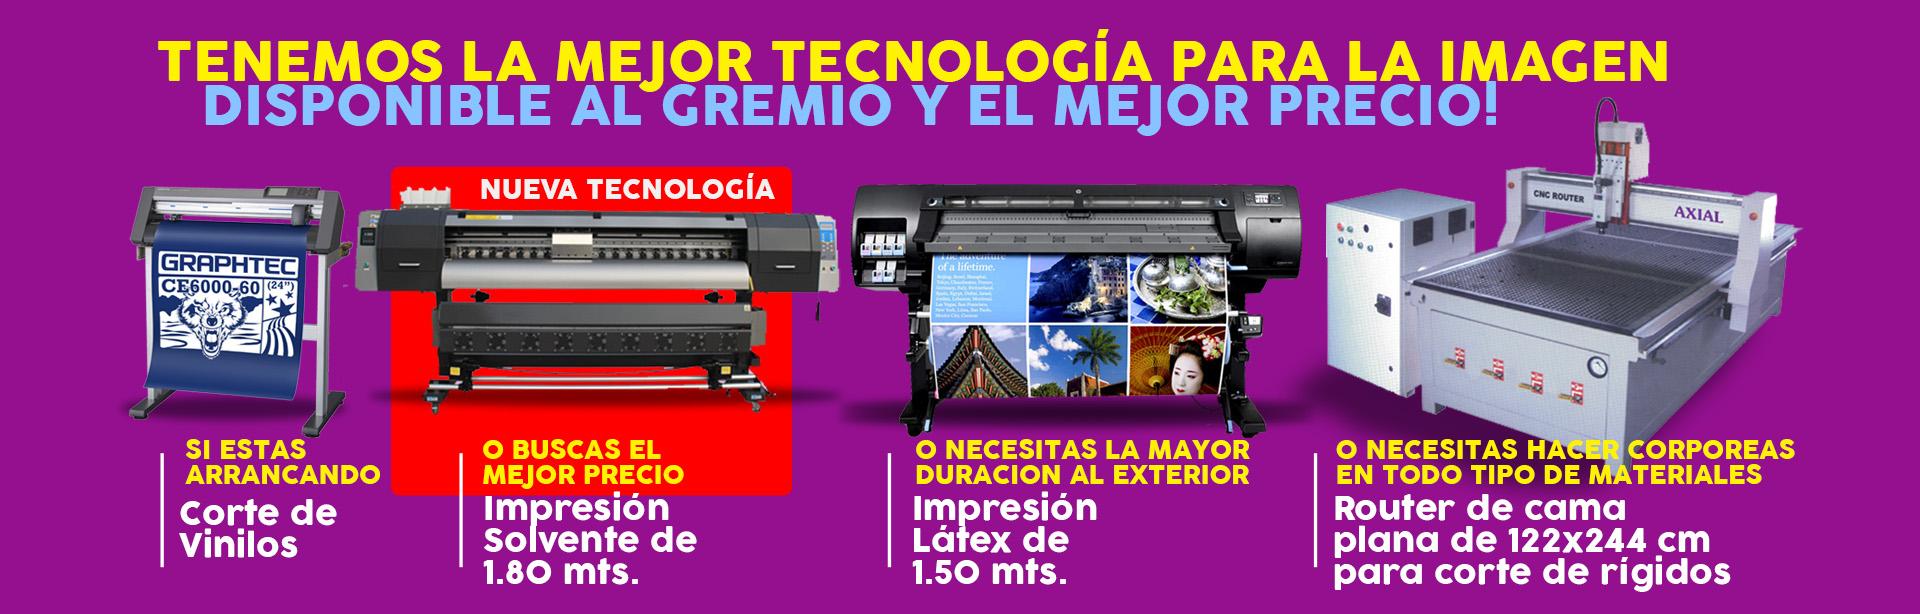 Nuestra tecnología